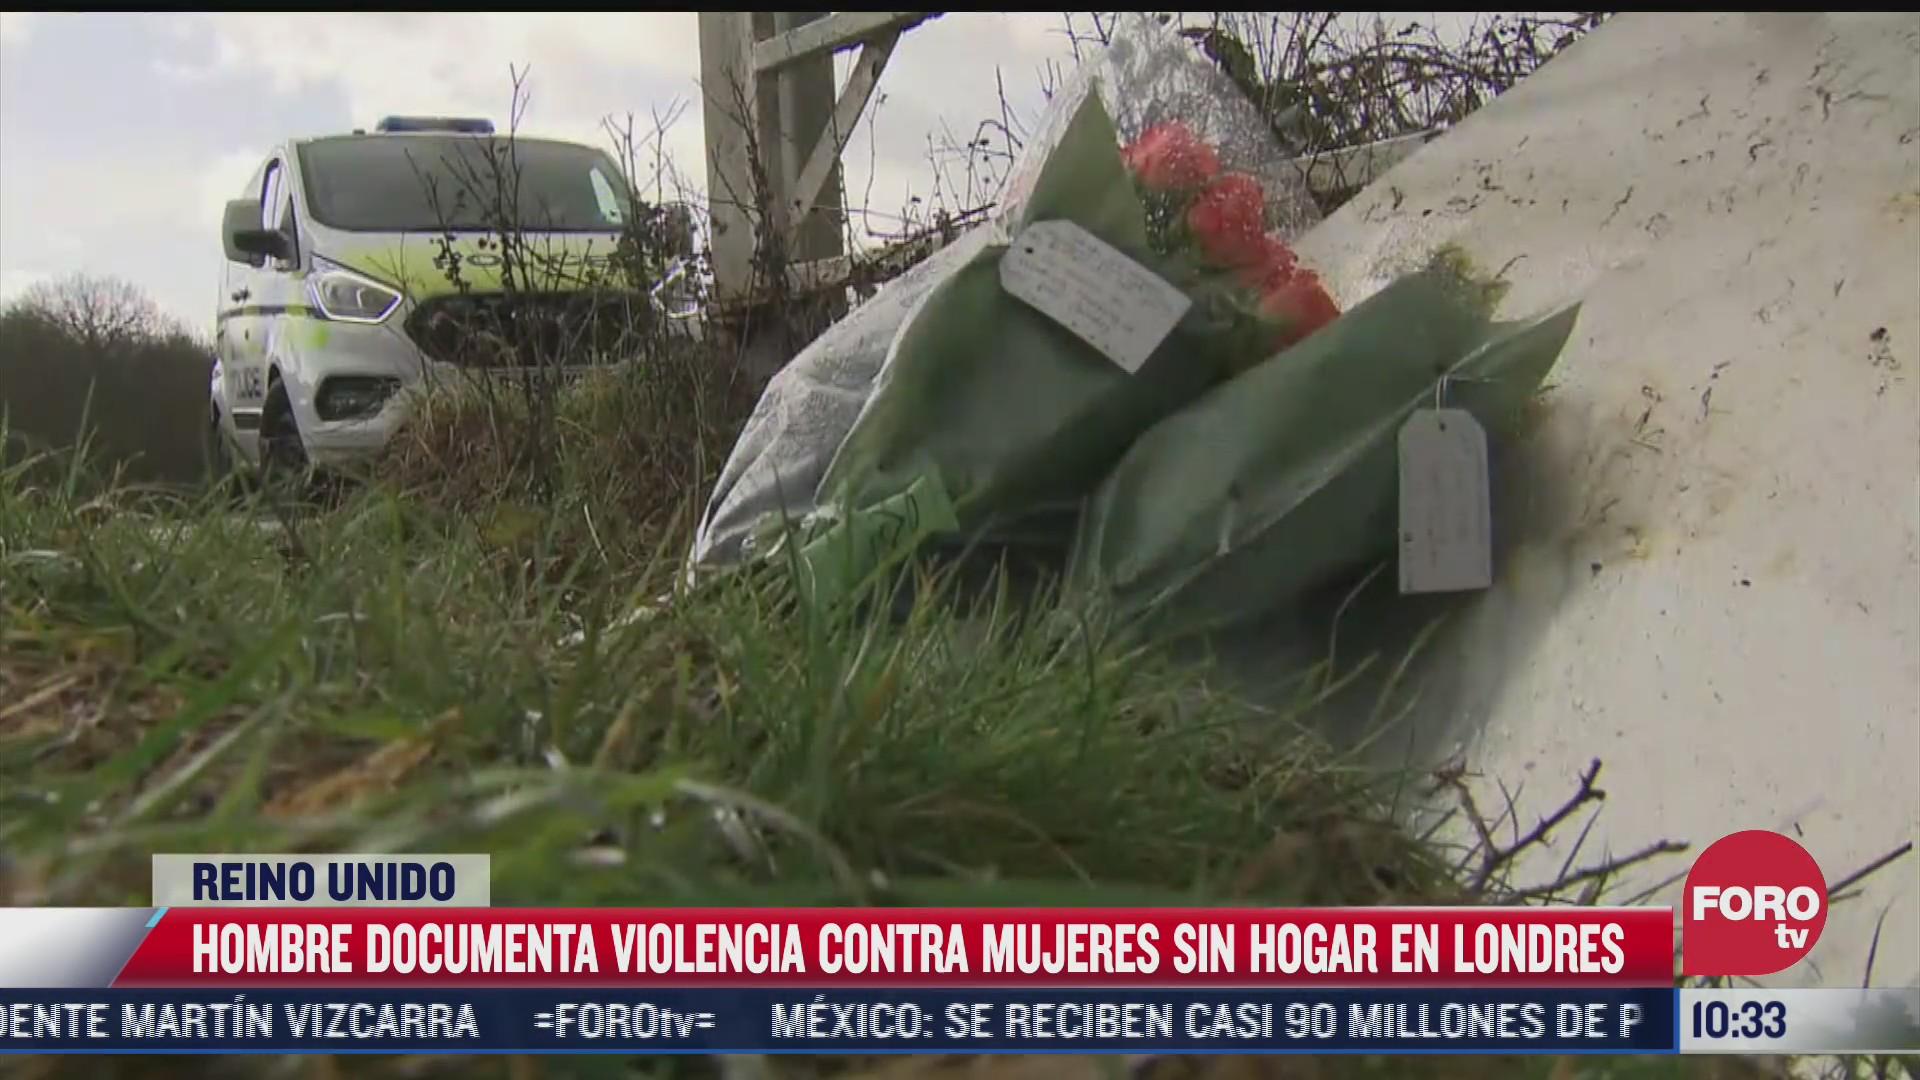 hombre documenta violencia contra mujeres sin hogar en londres